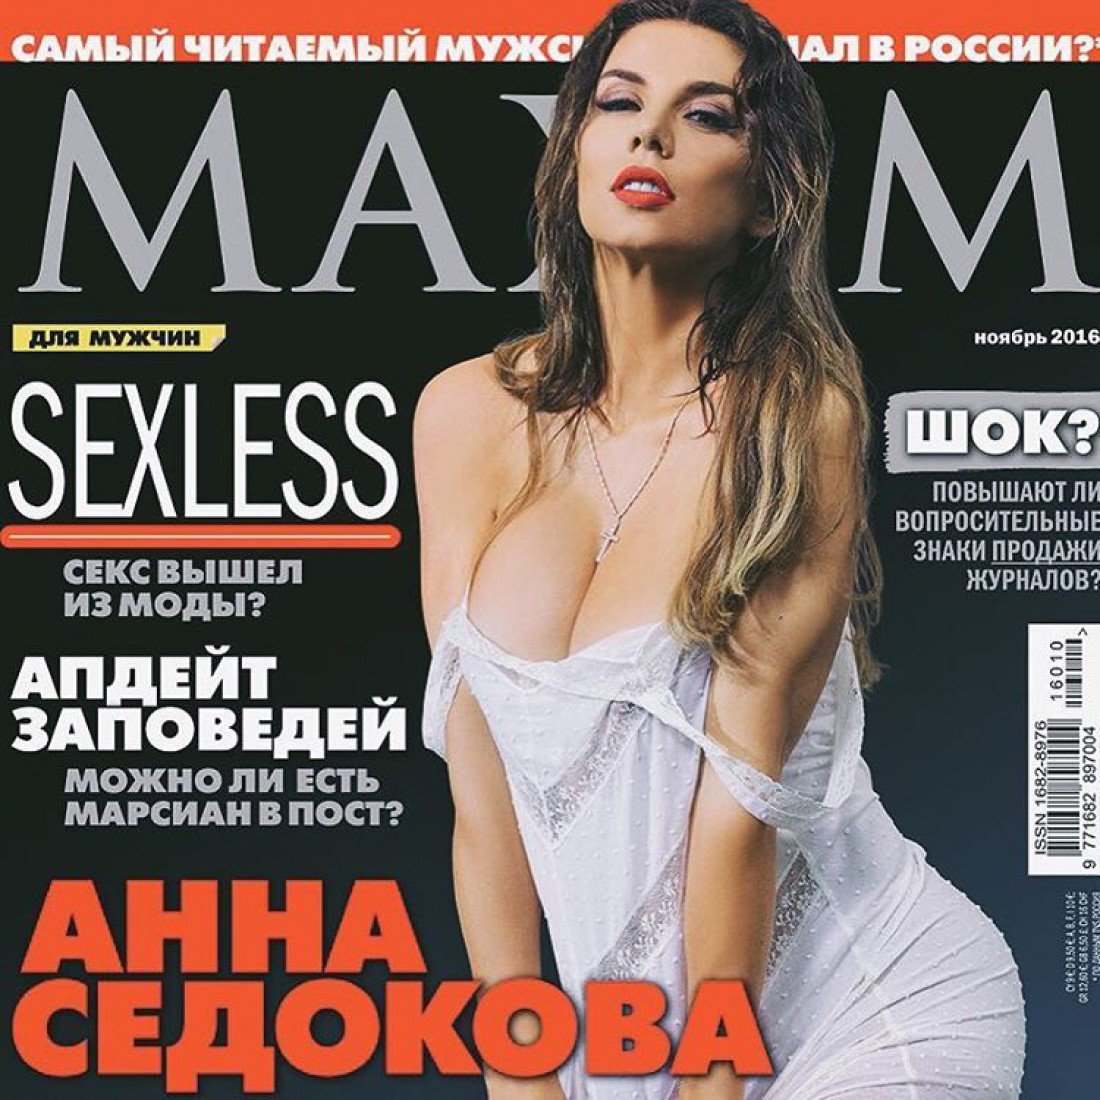 Мужской сексуальный интернет журнал